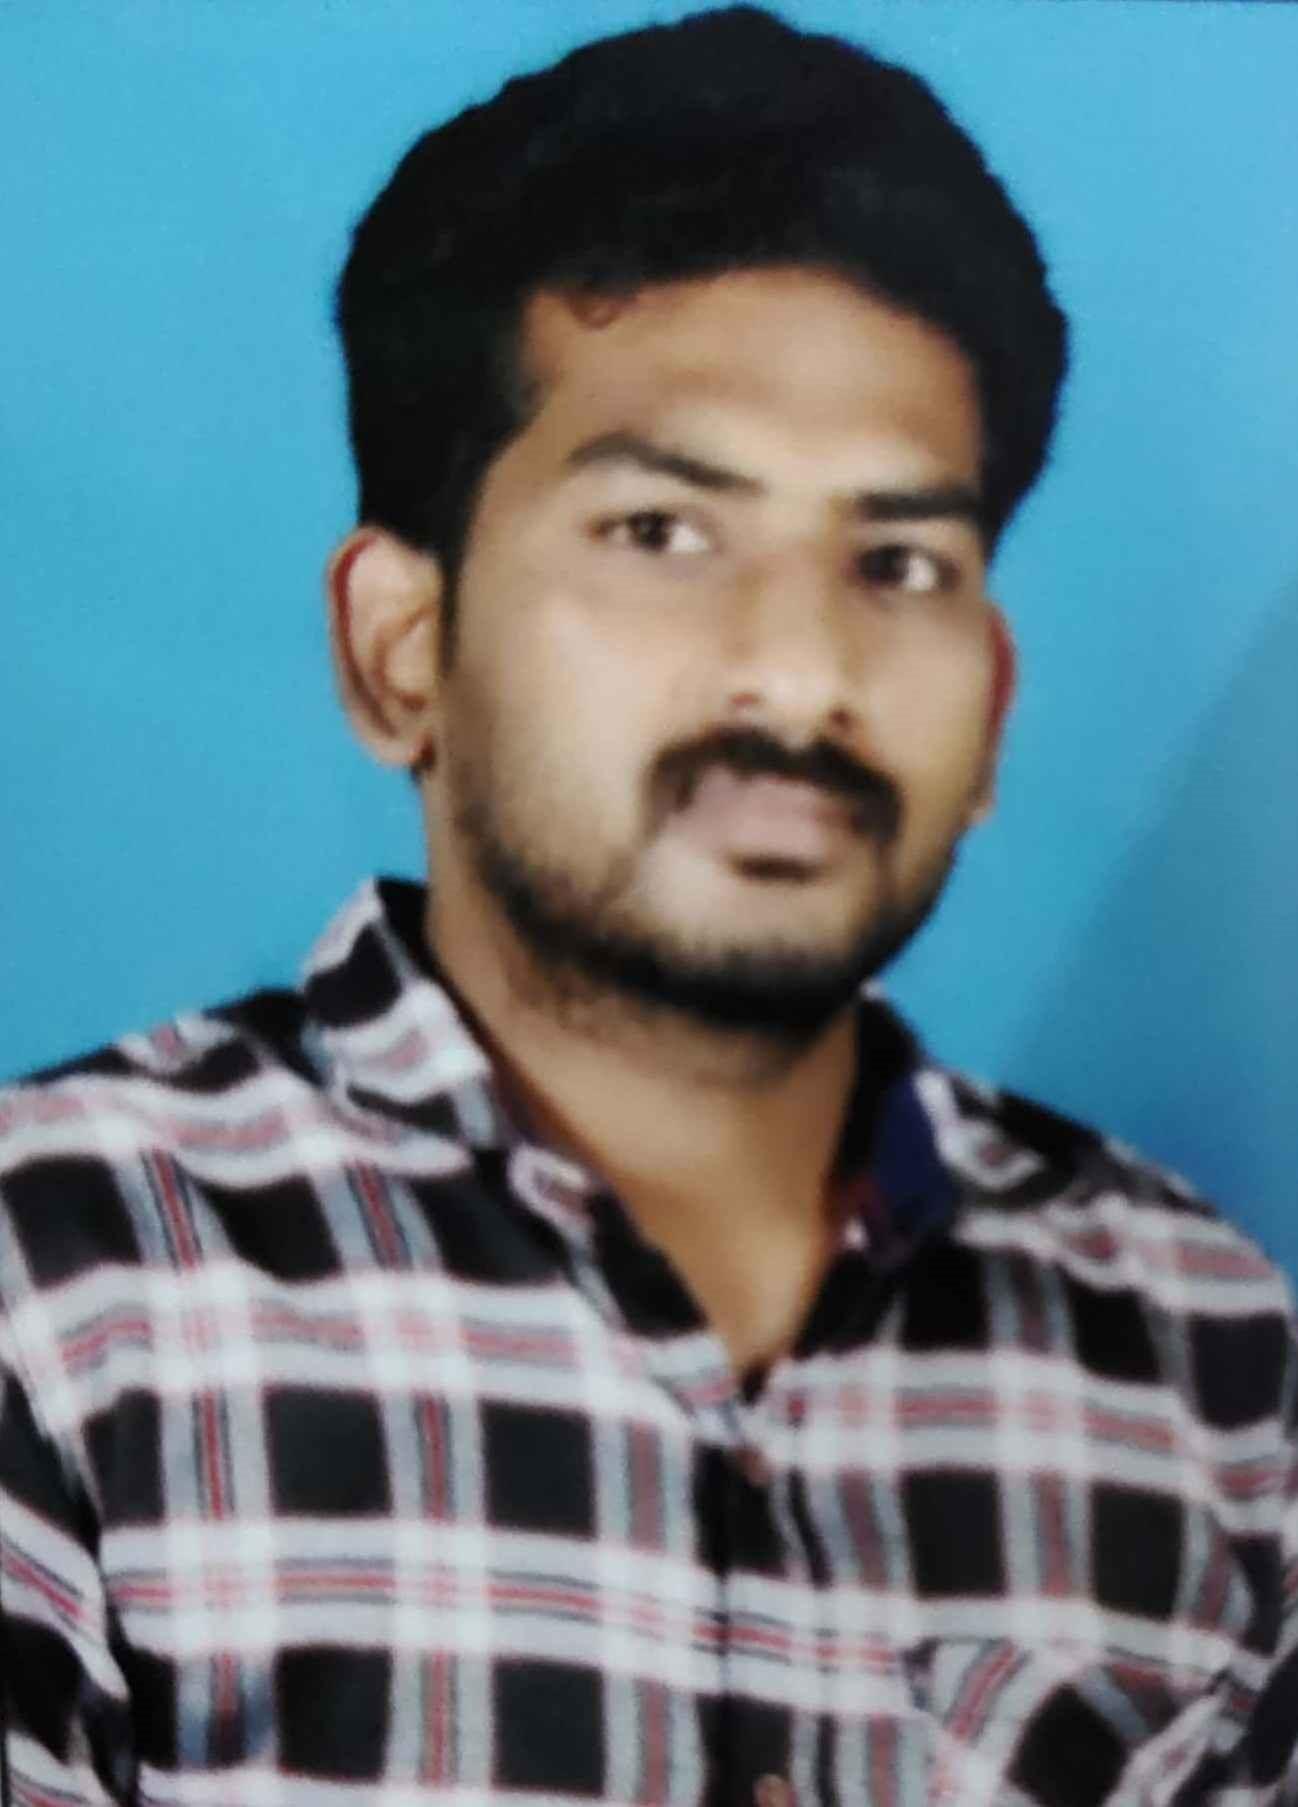 /media/yids/1NGO-00341-Young_India_Development_Society-Board_Members-Secretary-Srikant.jpg